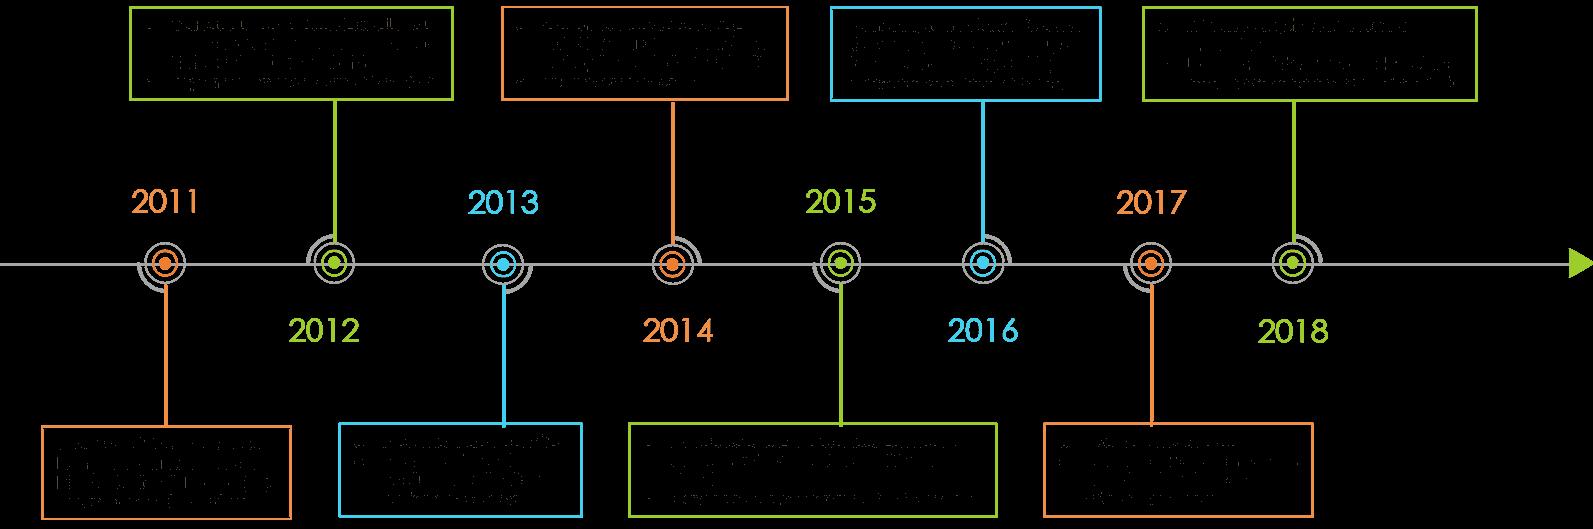 Frise d'Archenergie depuis 2011